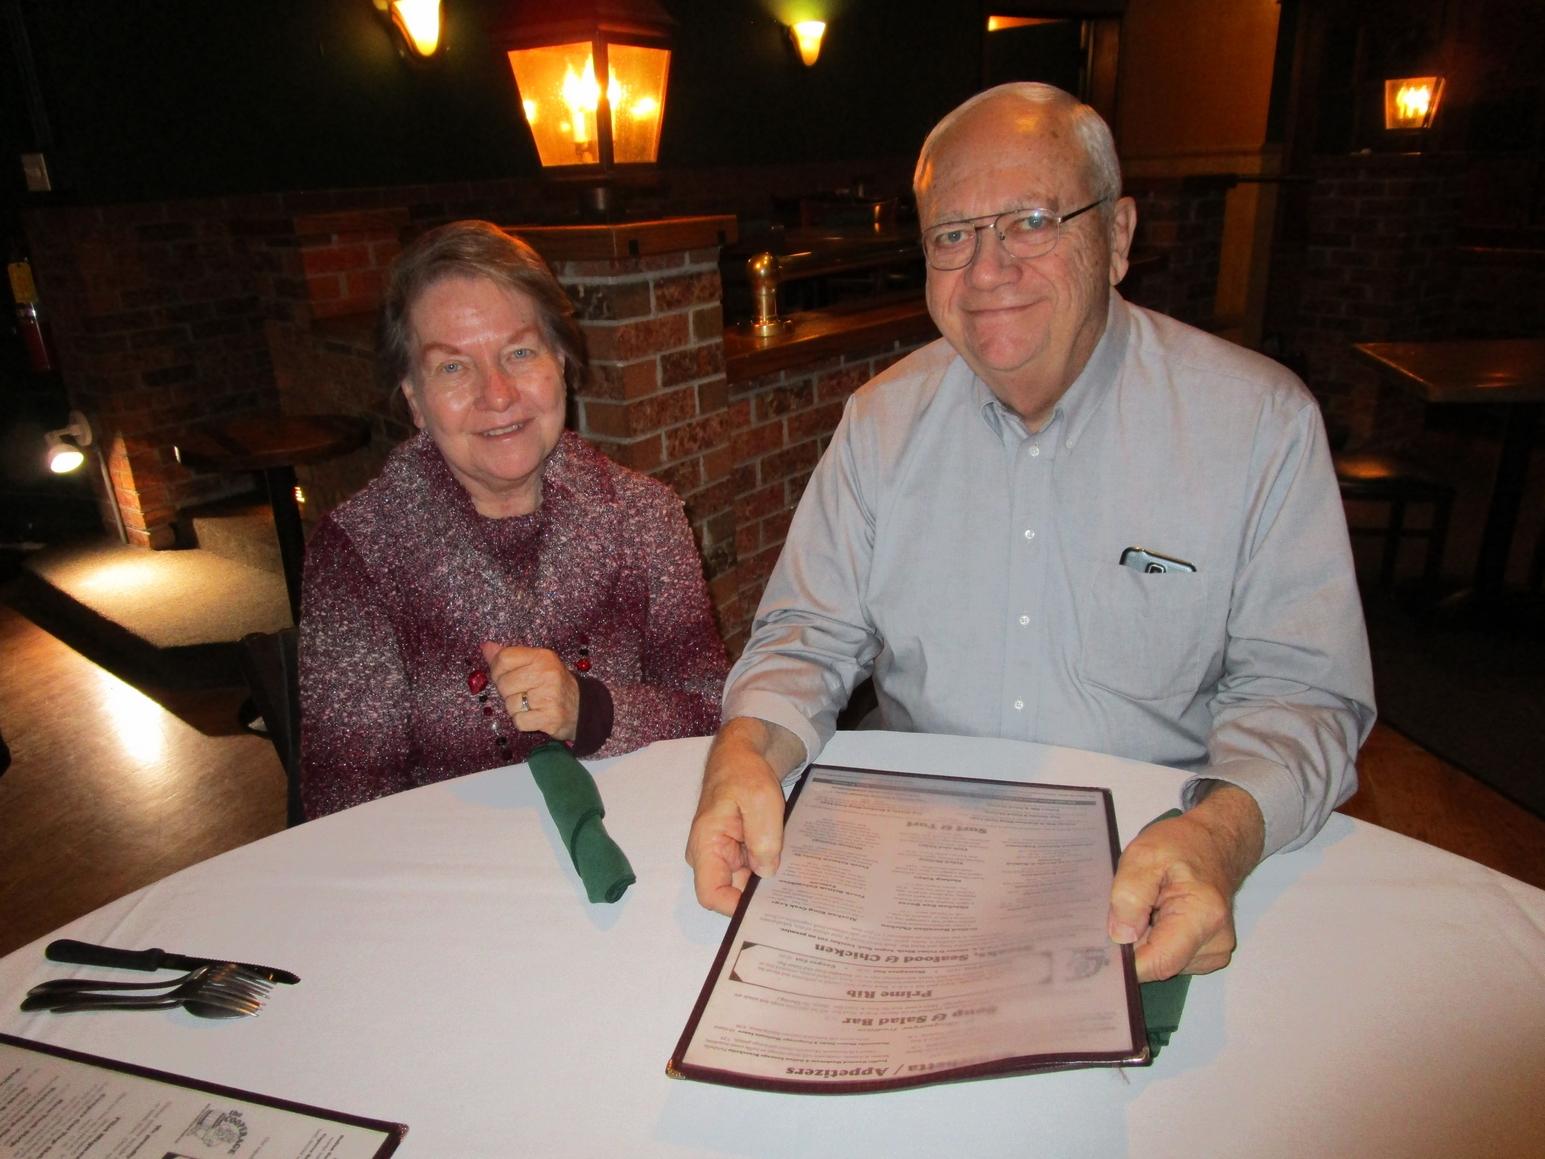 Bill AD5UJ & wife